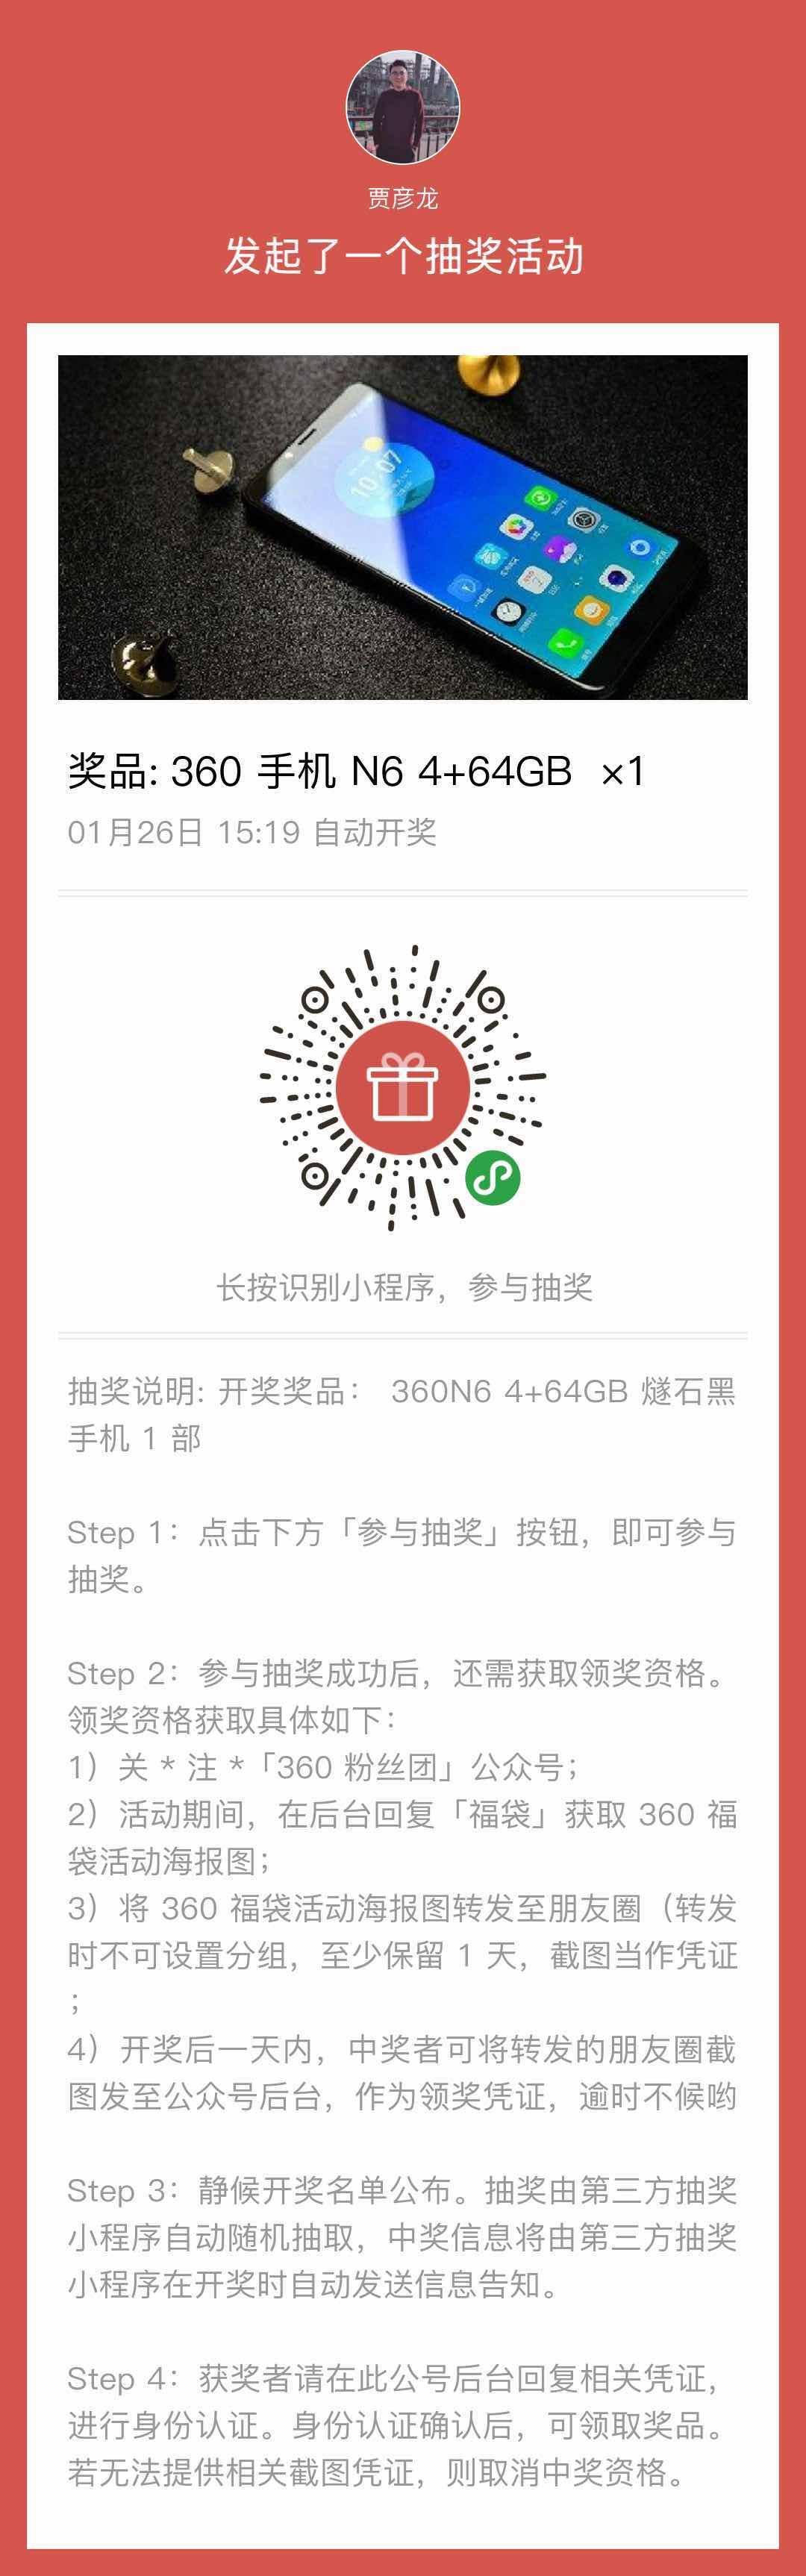 关注360粉丝团微信公众号,赢千元豪礼